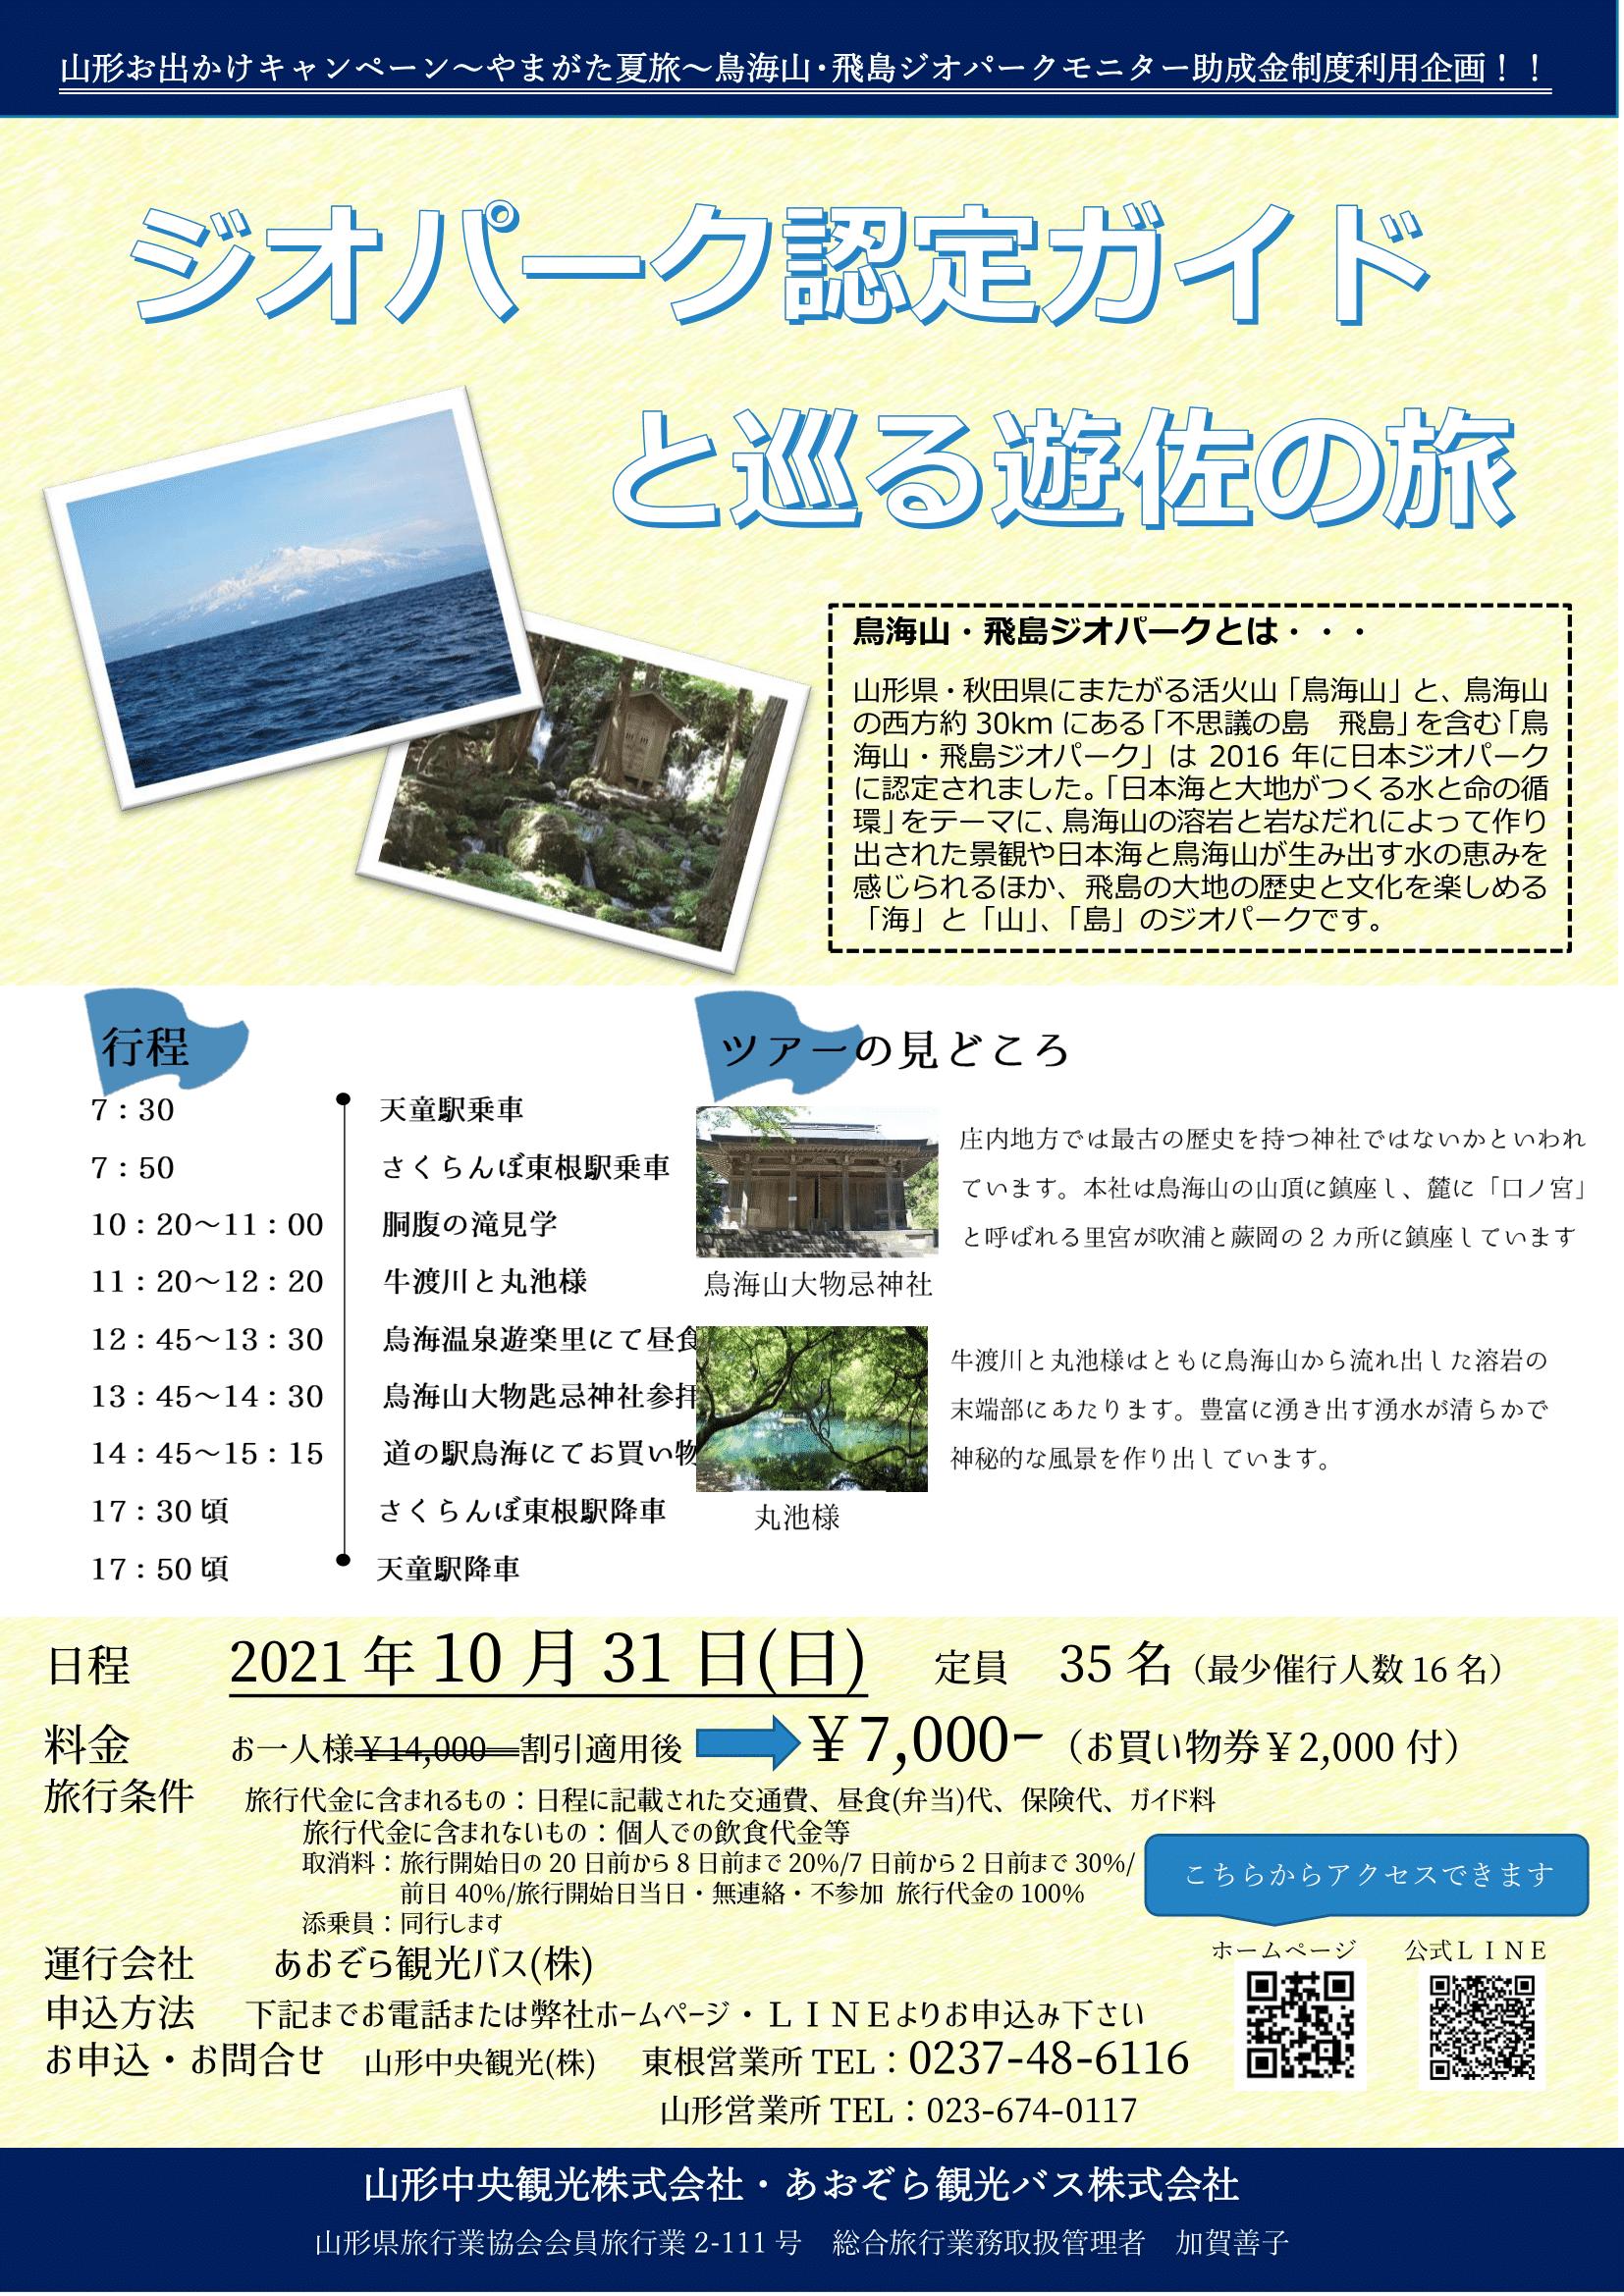 ツアー情報の画像